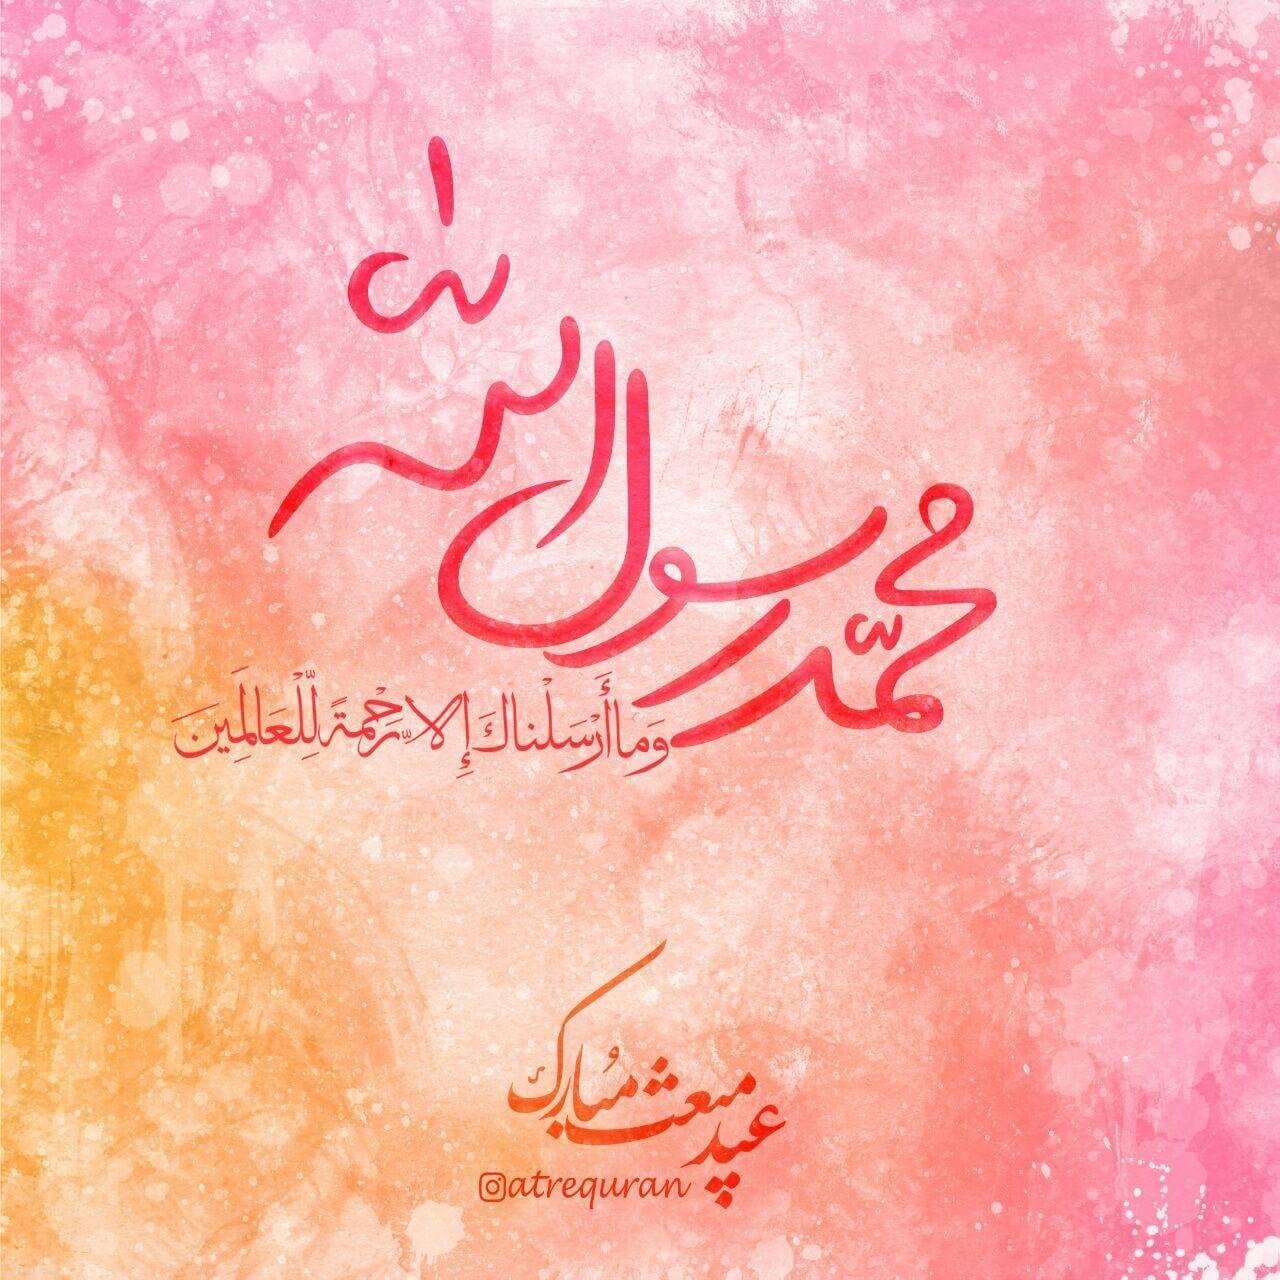 عکس با متن تبریک عید مبعث جدید